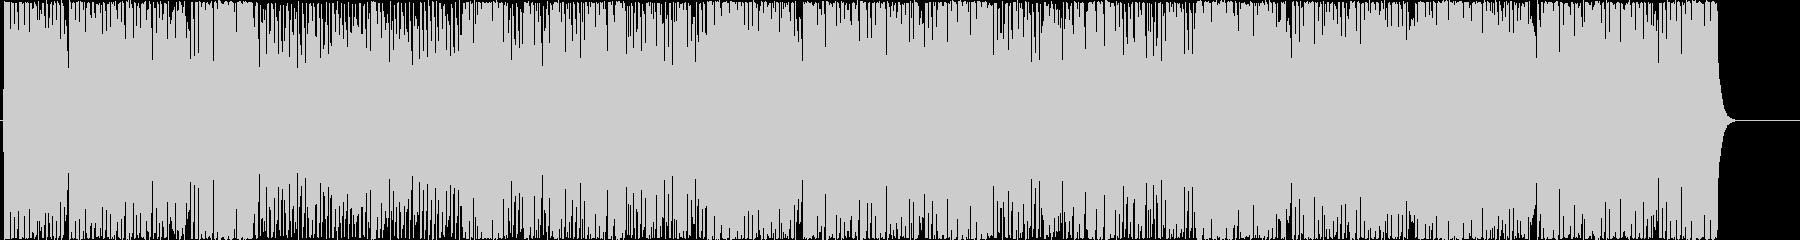 エネルギッシュで躍動感のあるBGMの未再生の波形